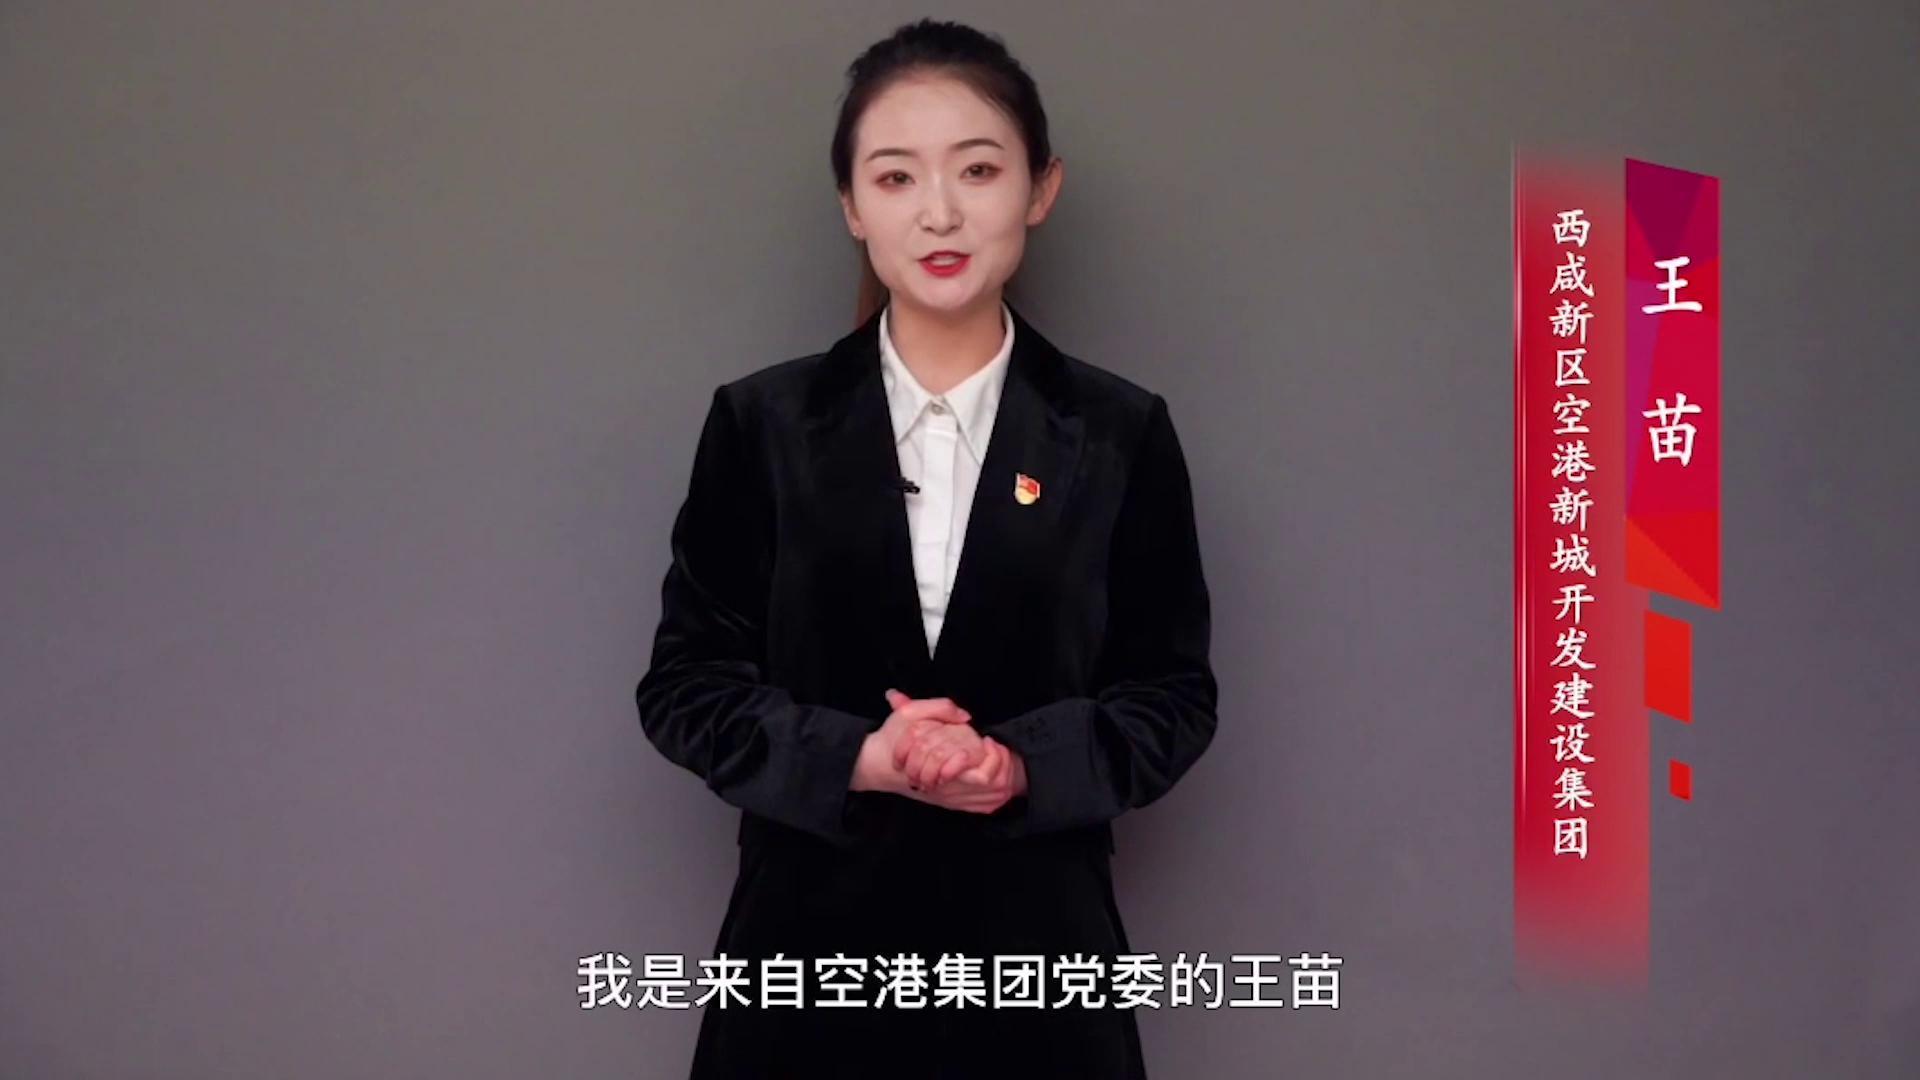 【视频】党史故事微课堂 |西咸新区空港新城开发建设集团王苗《广州起义》